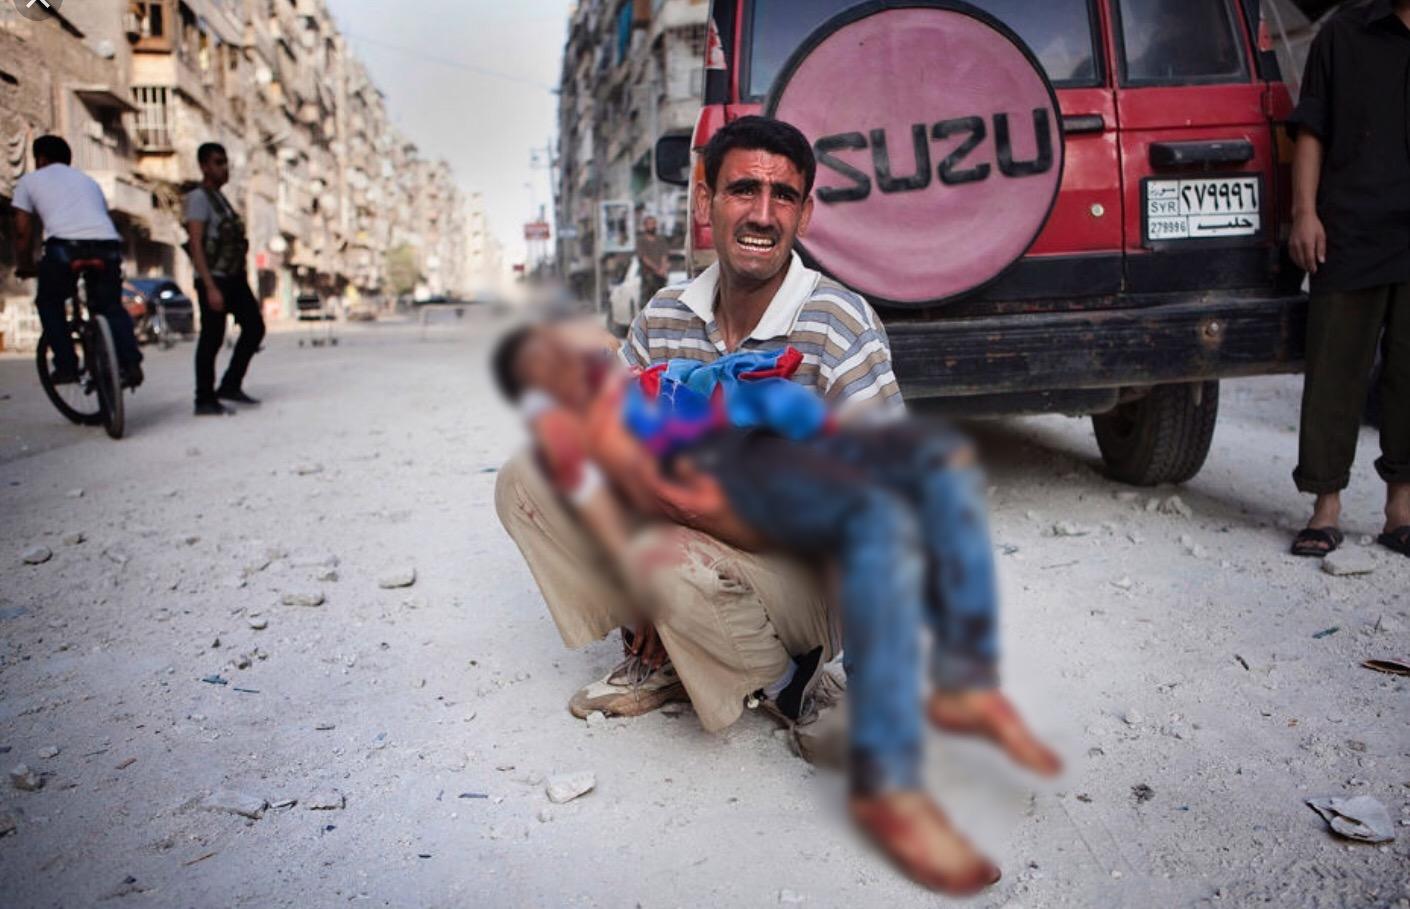 مظلوم شامی بچوں کی ہلاکت پہ احتجاج؛ اقوام متحدہ نے الفاظ کے بغیر اعلان جاری کر دیا